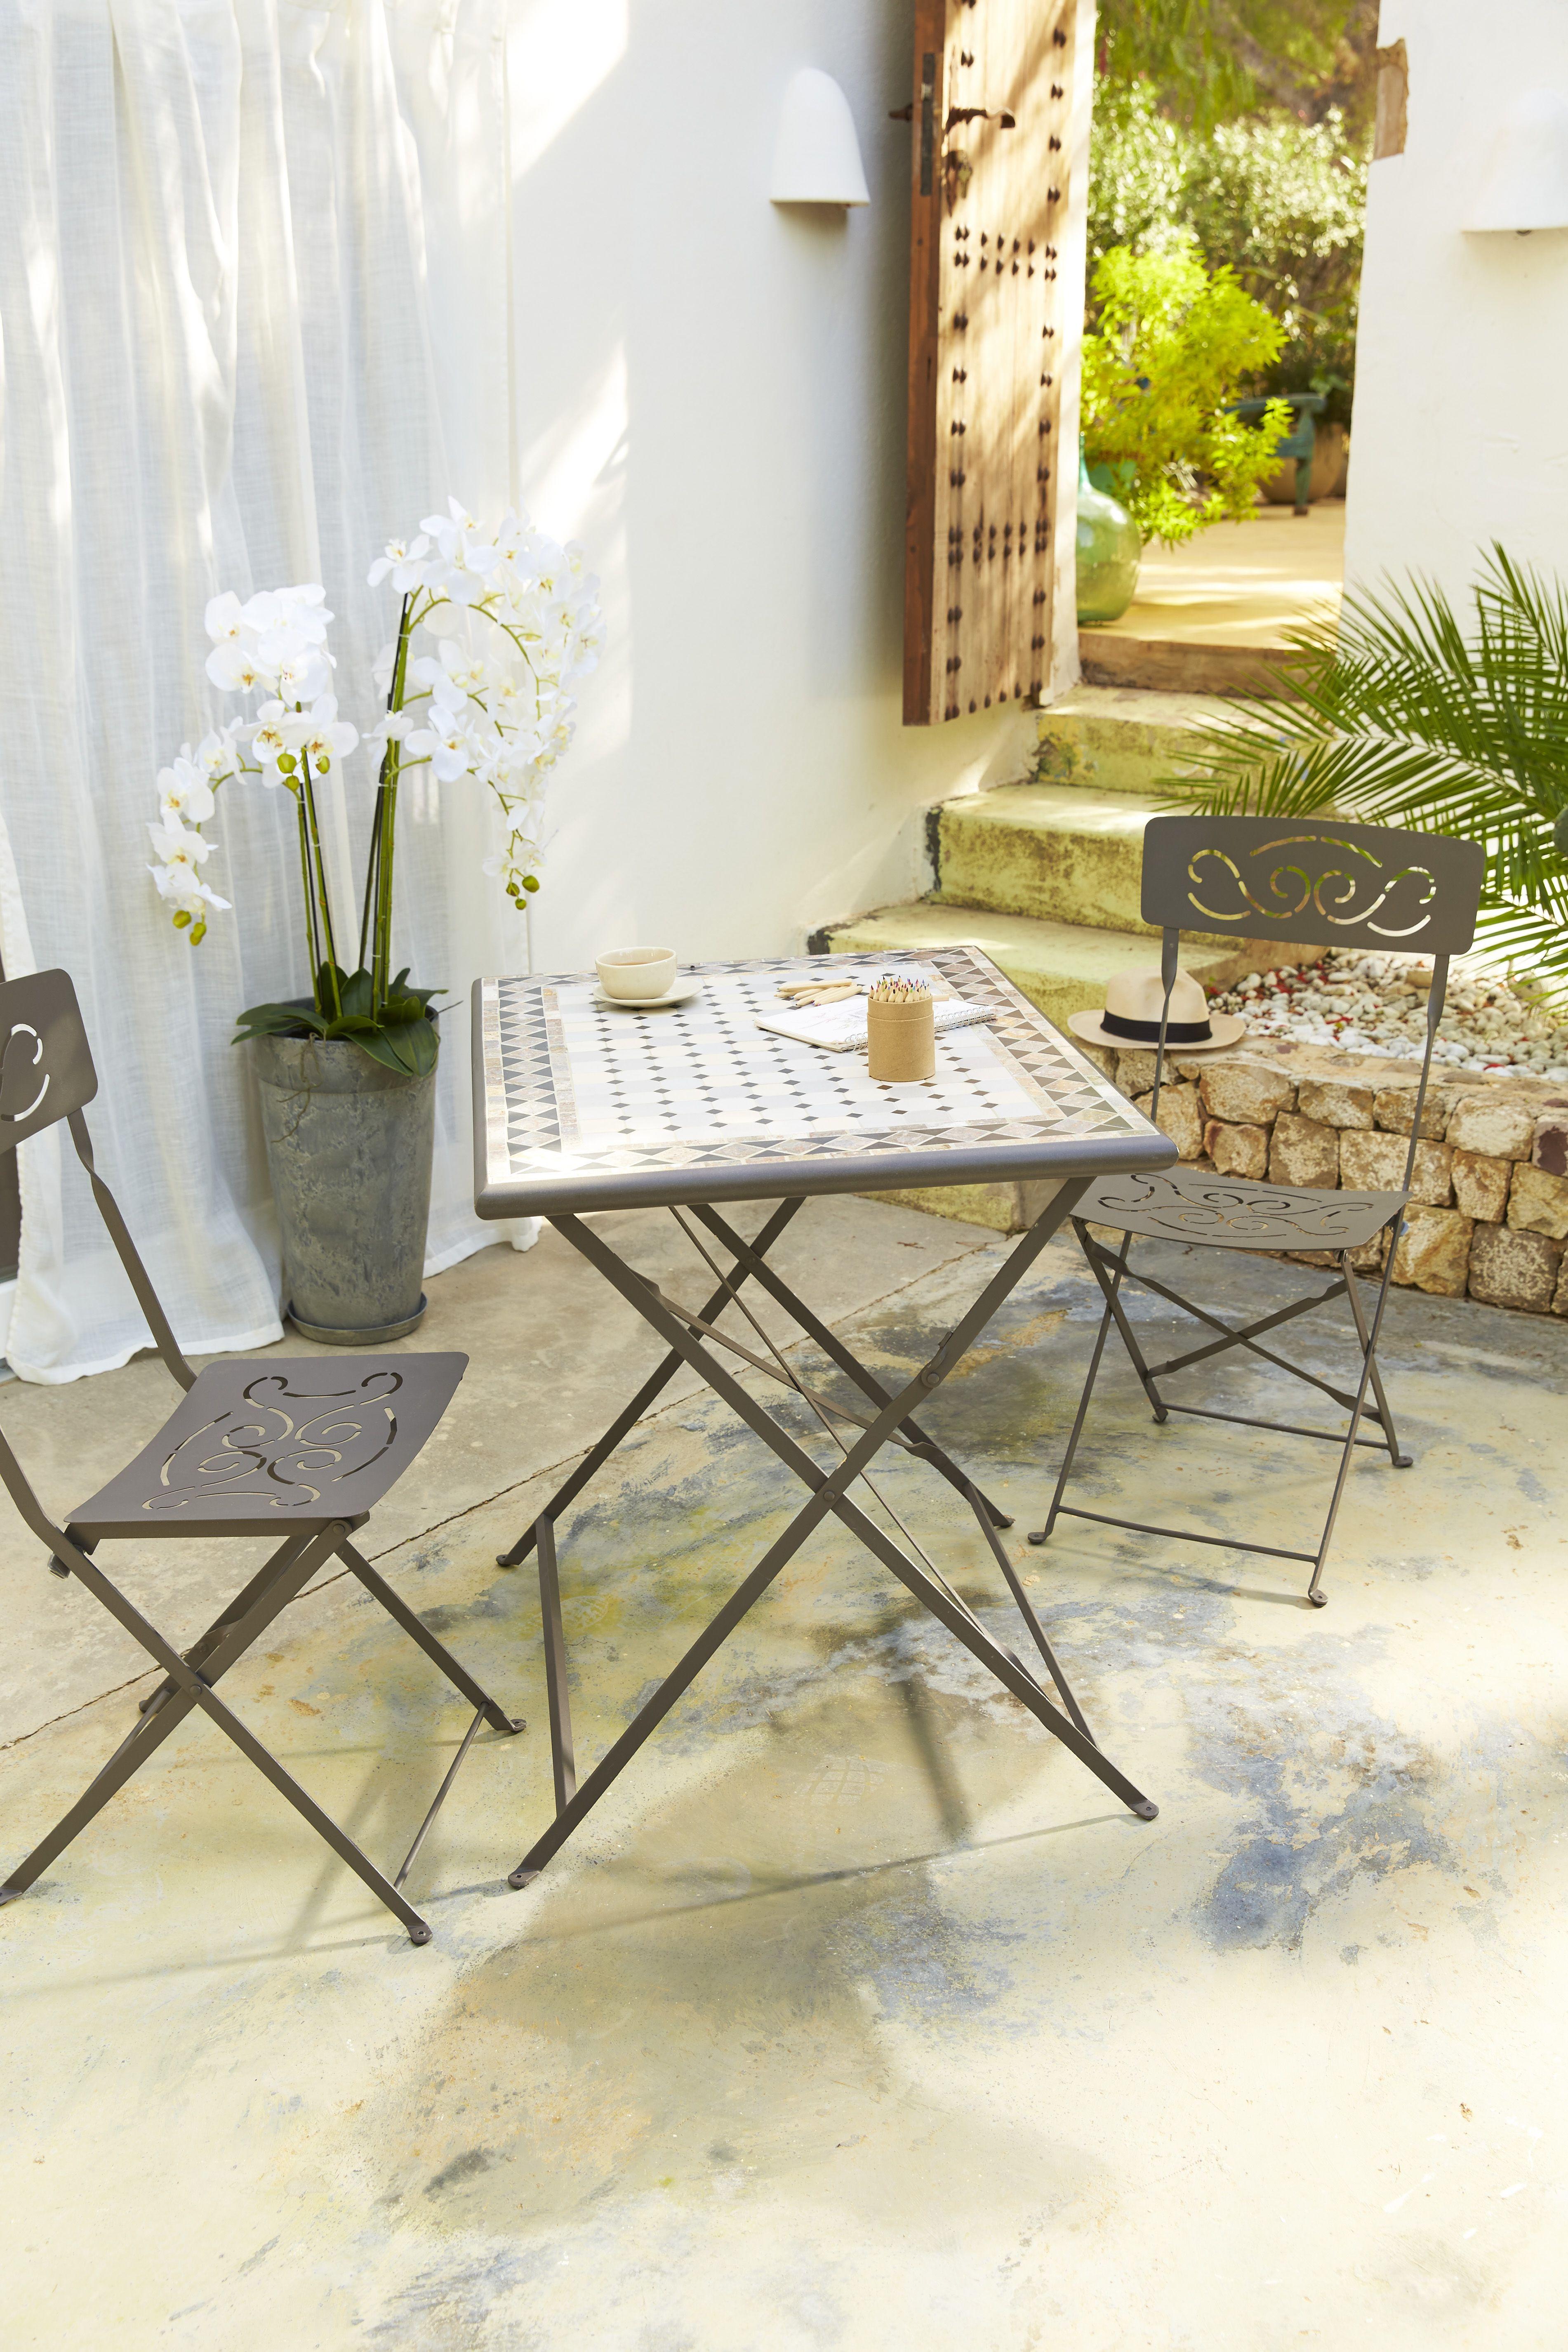 Vos Courses En Ligne Drive Livraison A Domicile Avec Table Pliante Exterieur Decoration Maison Table Pliante